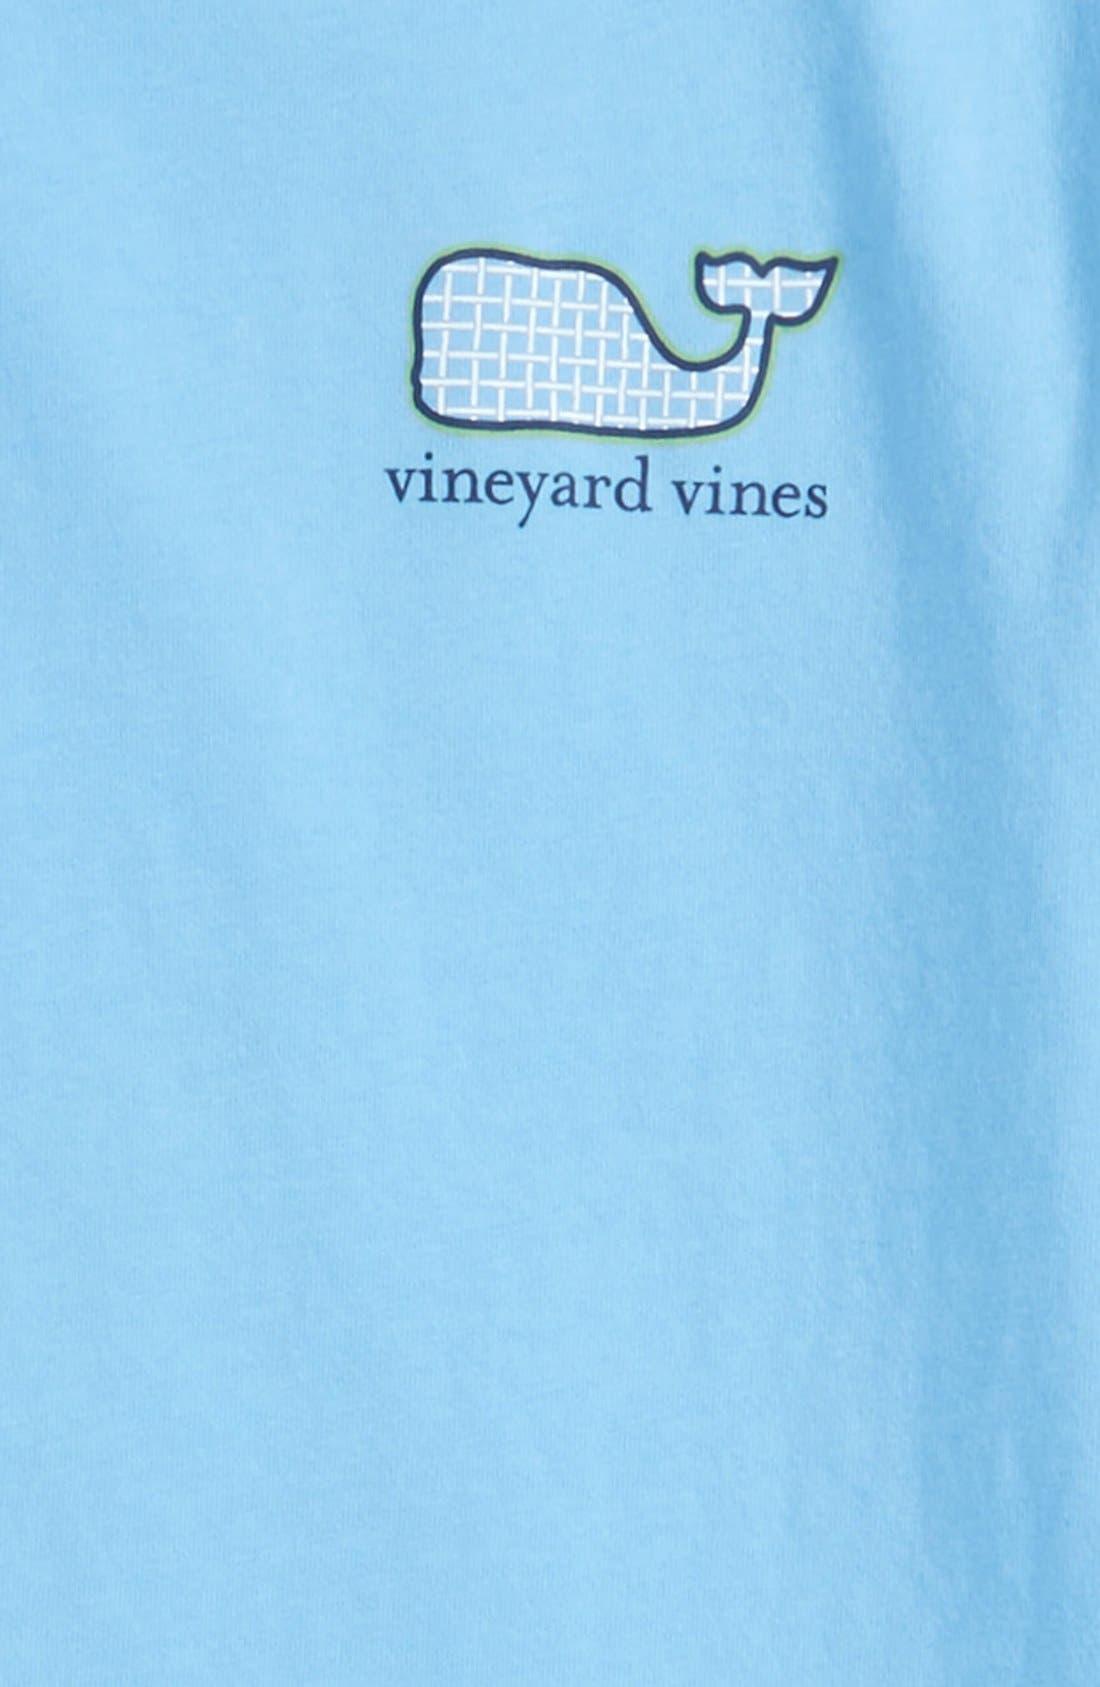 VINEYARD VINES,                             'Tennis Racquet' Graphic T-Shirt,                             Alternate thumbnail 3, color,                             484